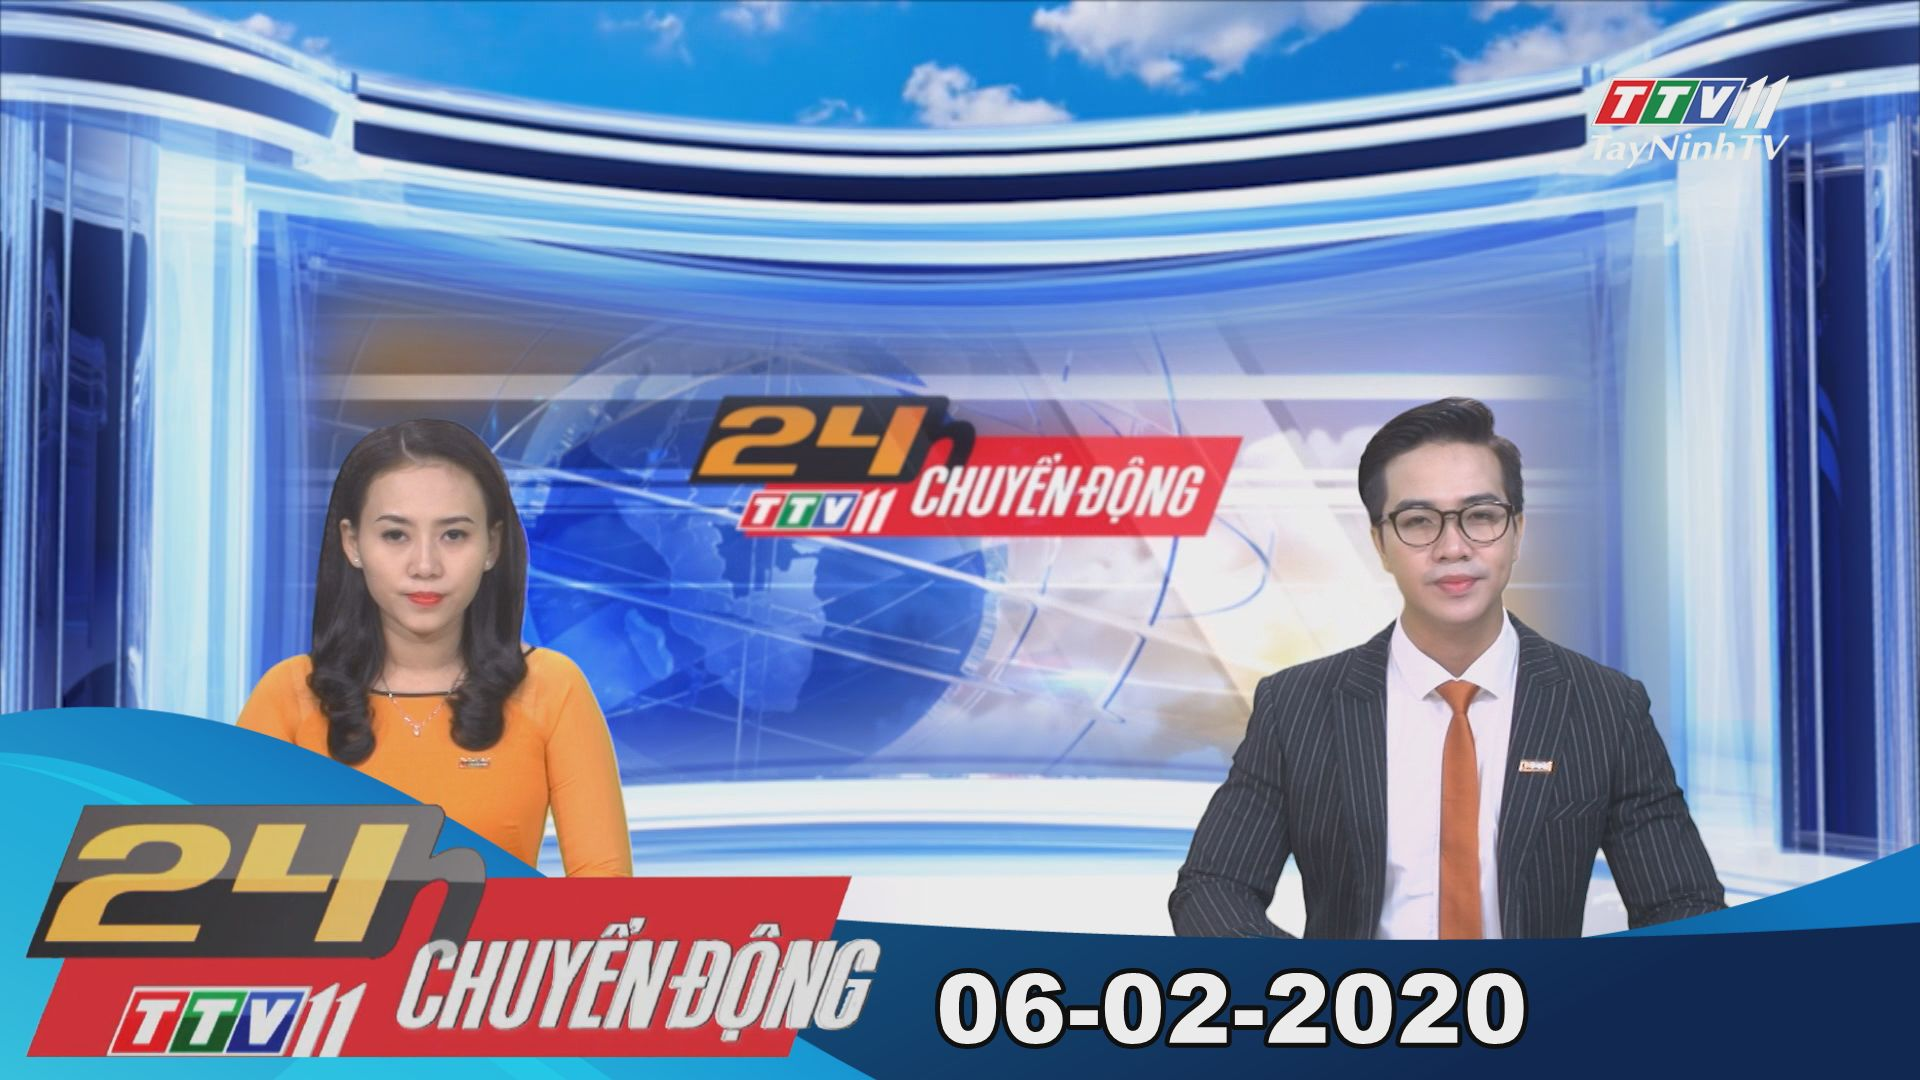 24h Chuyển động 06-02-2020 | Tin tức hôm nay | TayNinhTV